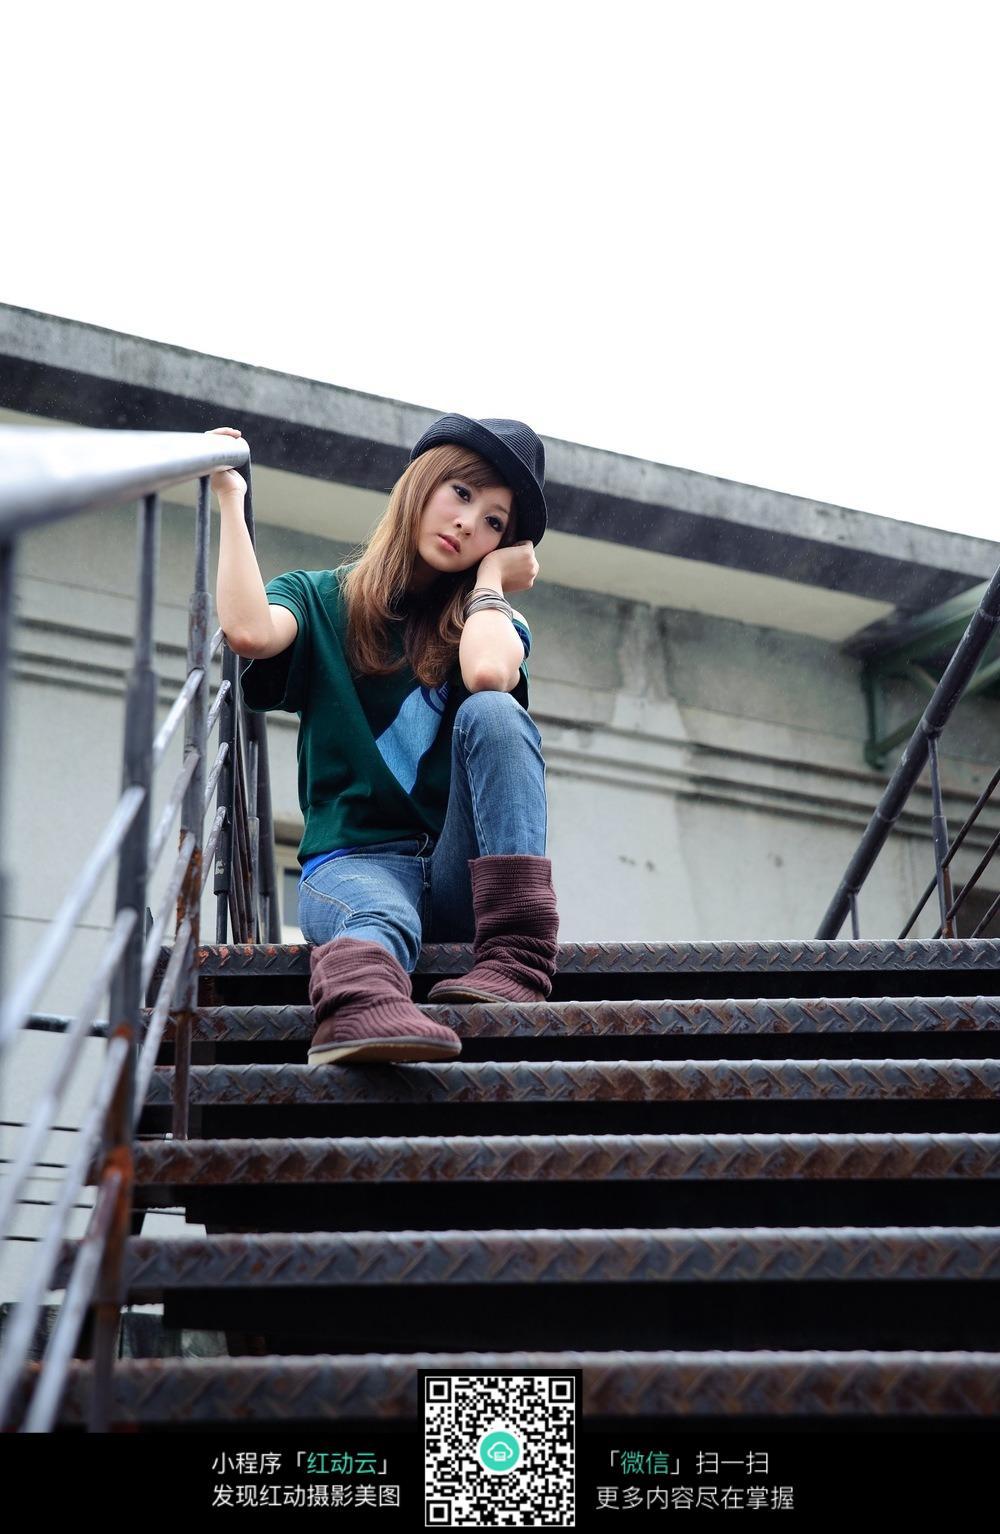 坐在楼梯上的女孩_坐在楼梯上的性感美女模特图片_女性女人图片